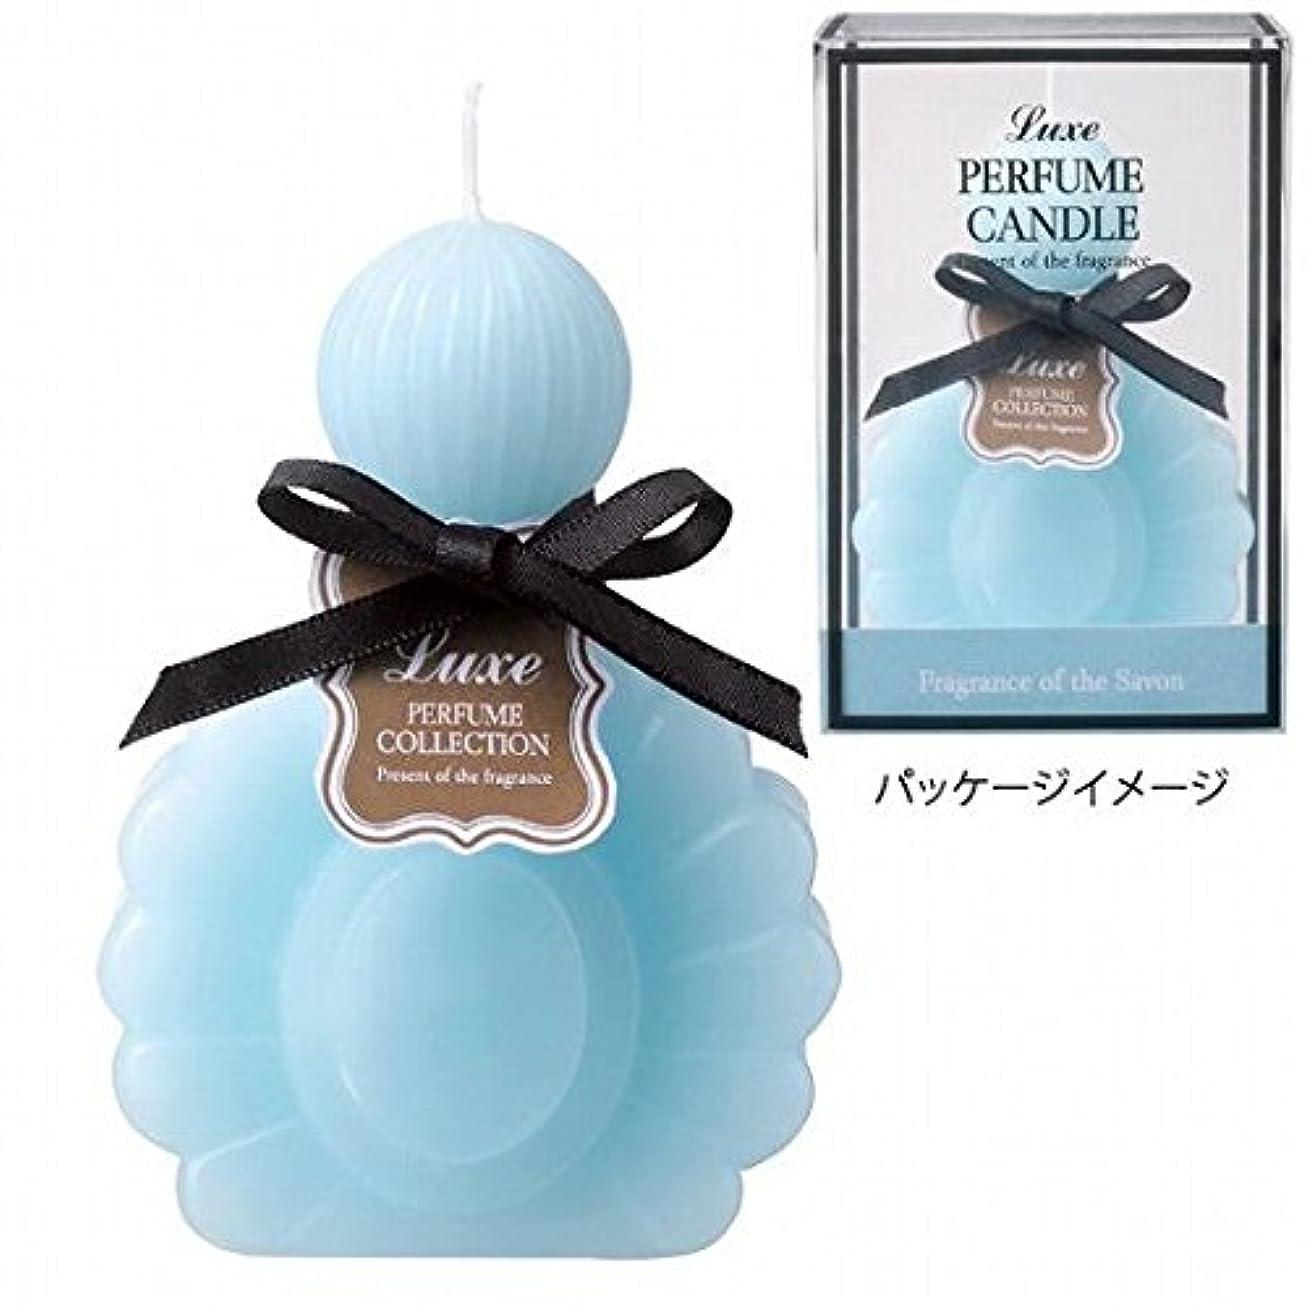 裁判所過敏な価格kameyama candle(カメヤマキャンドル) パフュームキャンドル 「 サボン 」(A4550520)